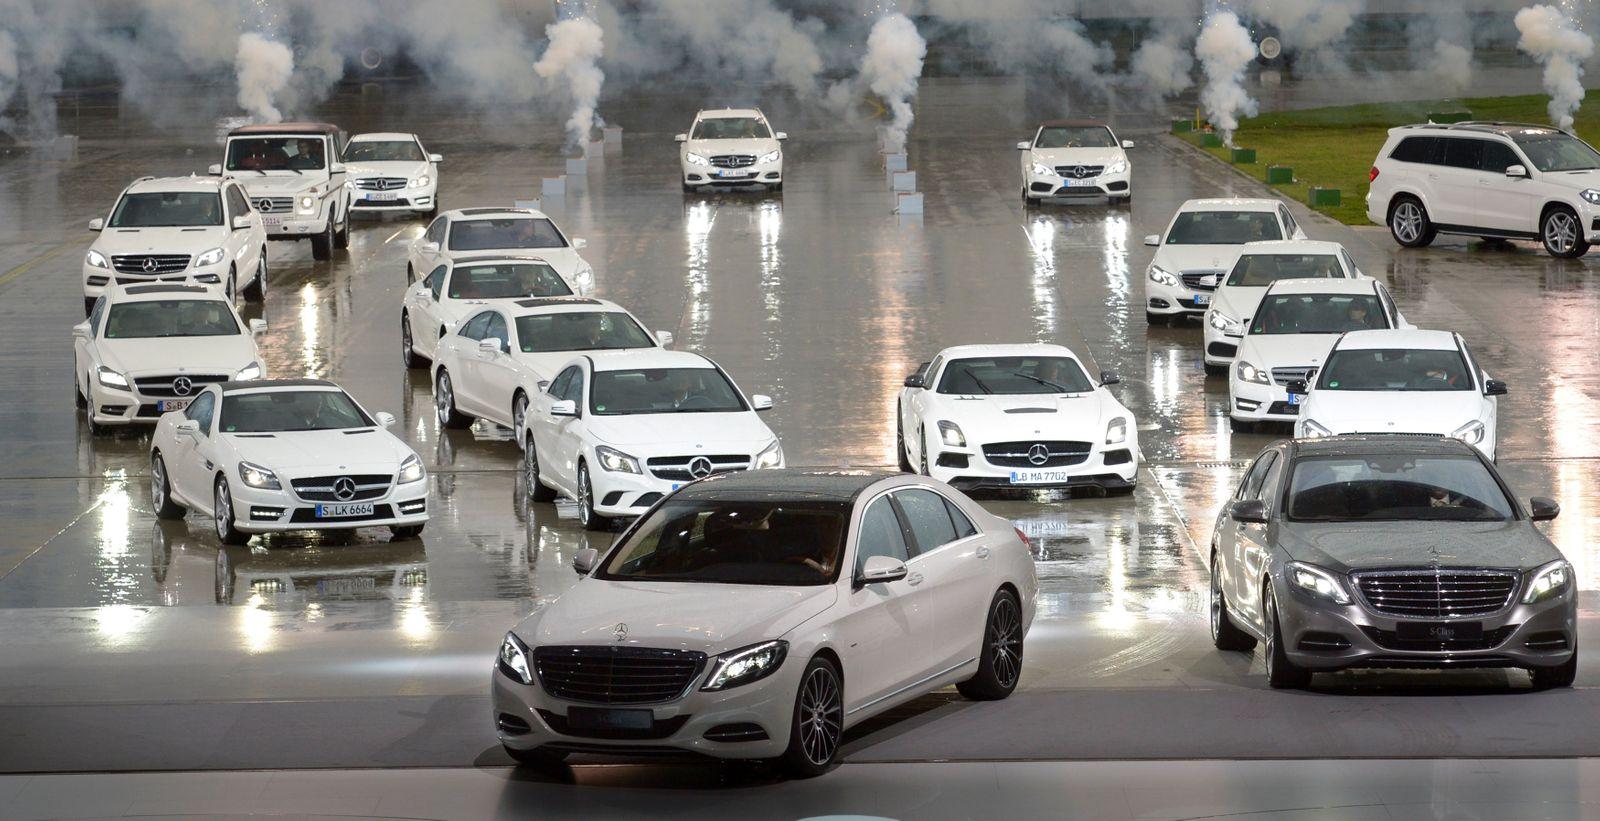 Mercedes Benz / Daimler